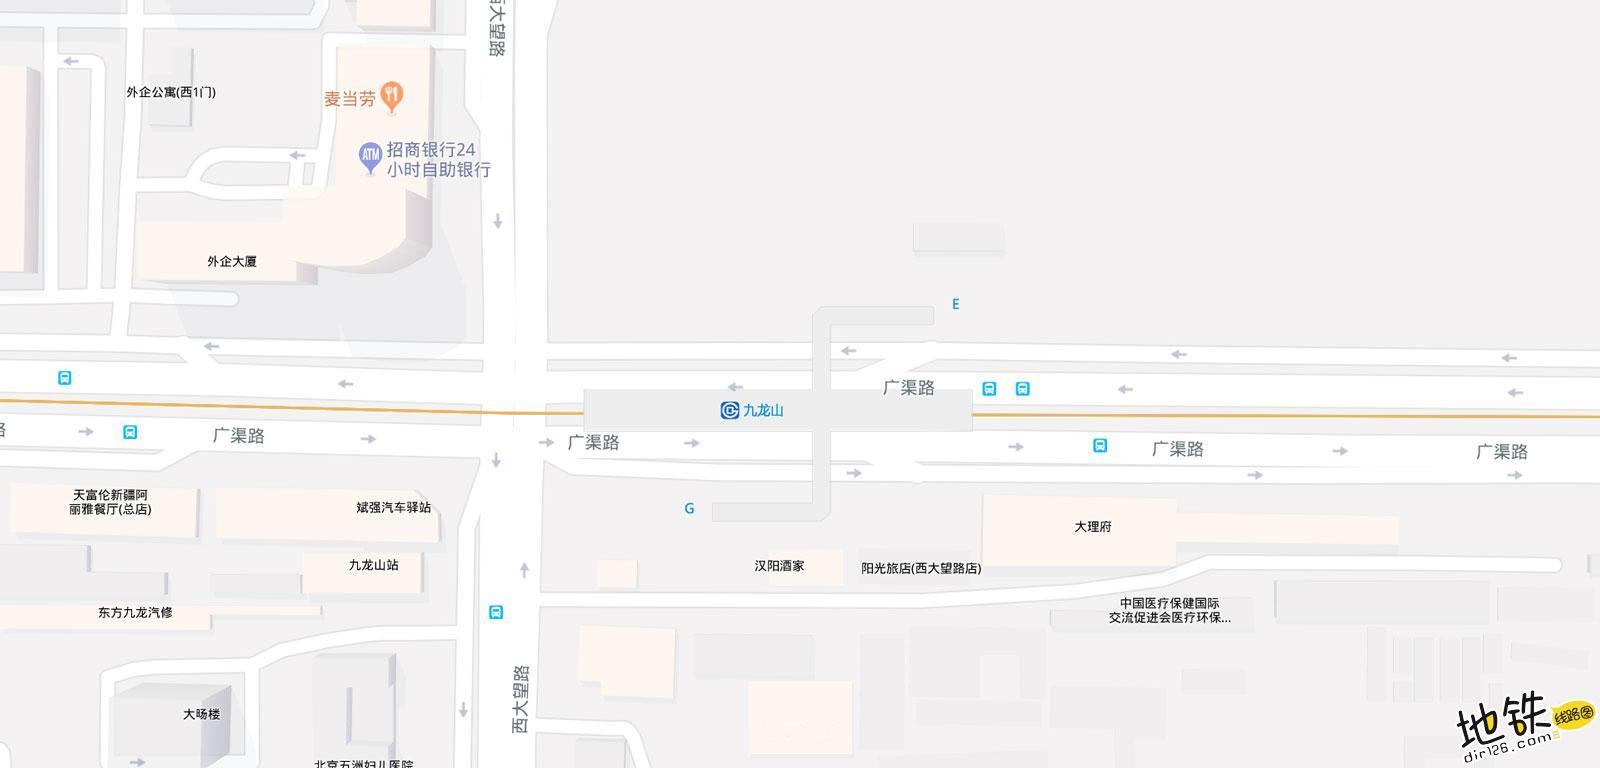 九龙山地铁站 北京地铁九龙山站出入口 地图信息查询  北京地铁站  第2张